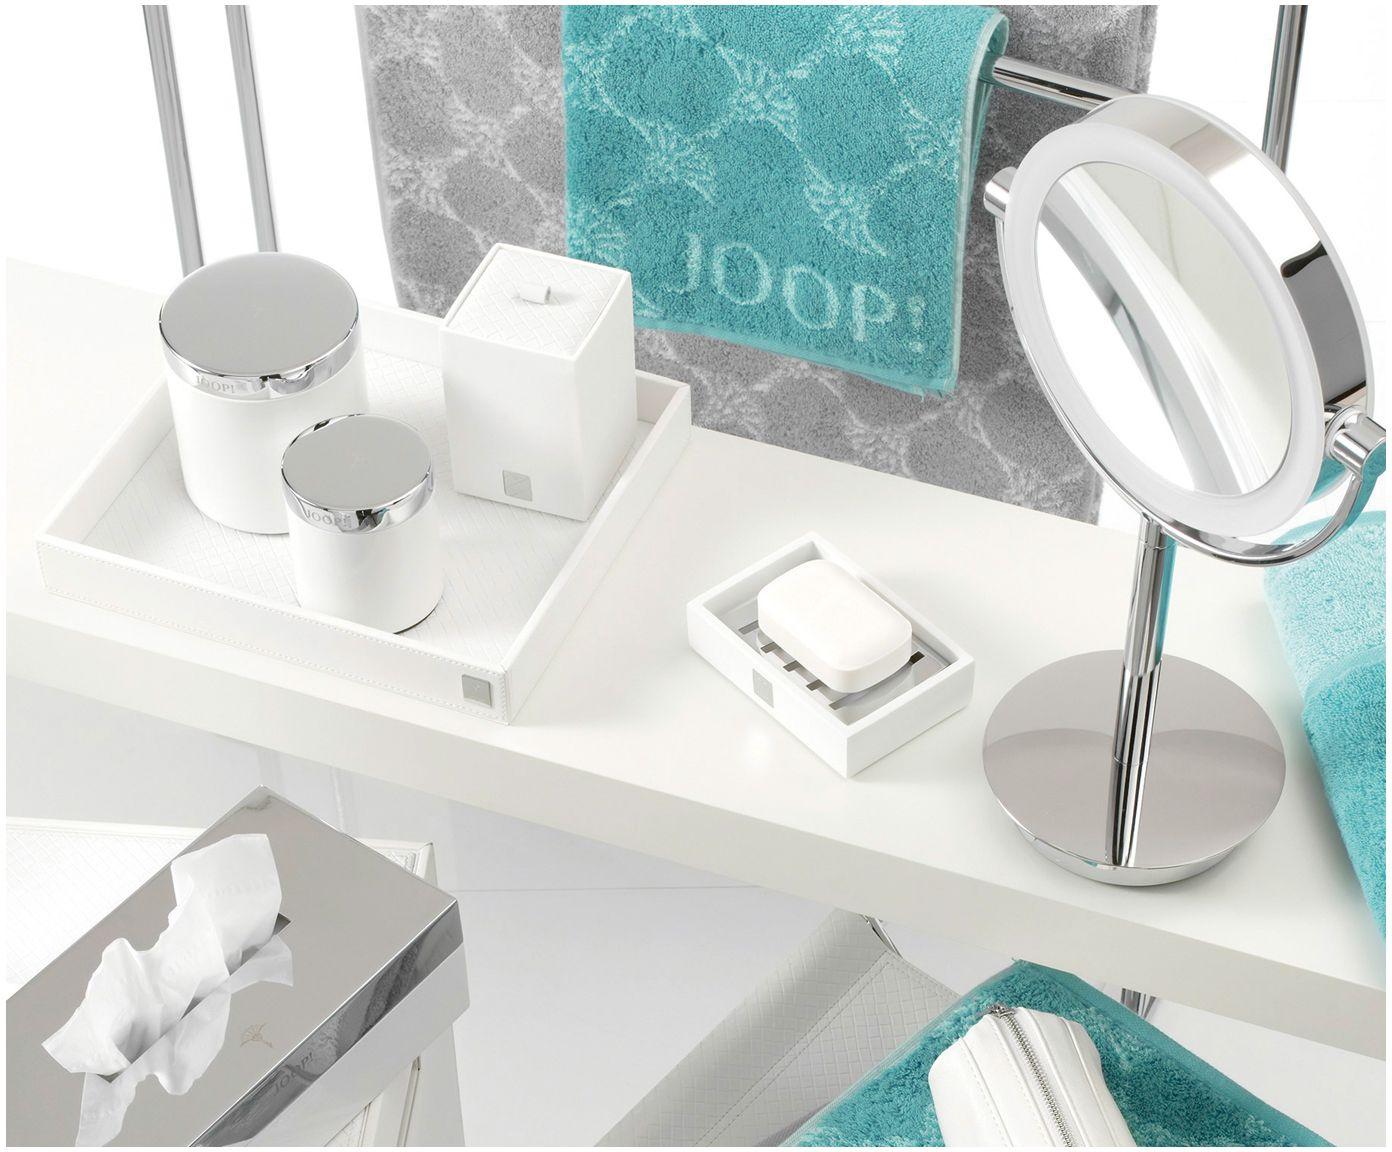 Aufbewahrungsdose Sophia Led Kosmetikspiegel Joop Badezimmer